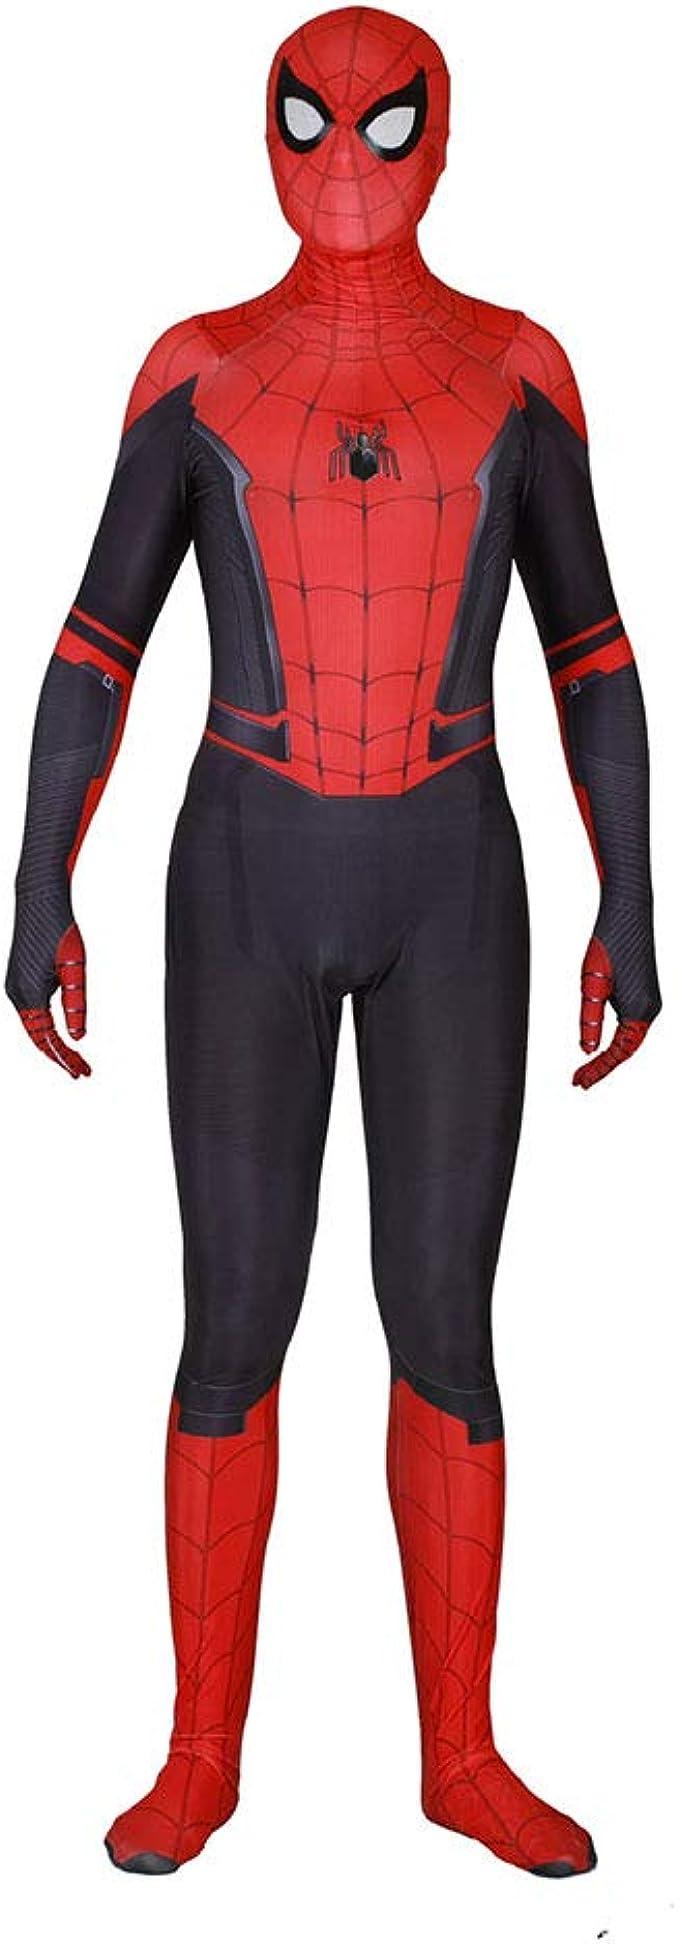 2019 Far from Home Spiderman Cosplay Mono Medias Jugando Disfraz ...